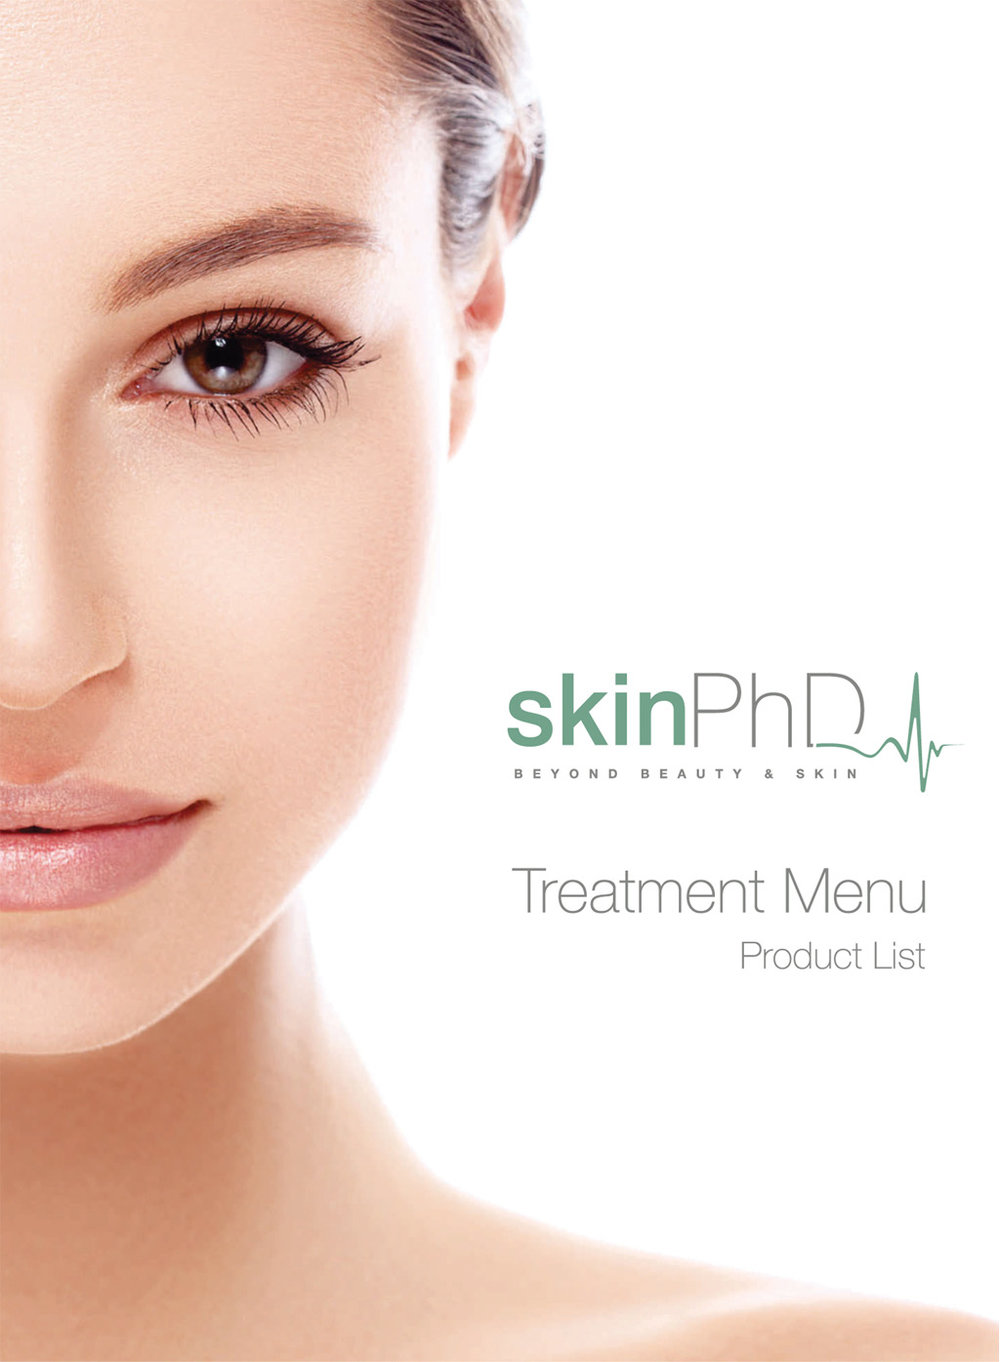 SkinPhD App Treatment Menu_April_2018_1.jpg